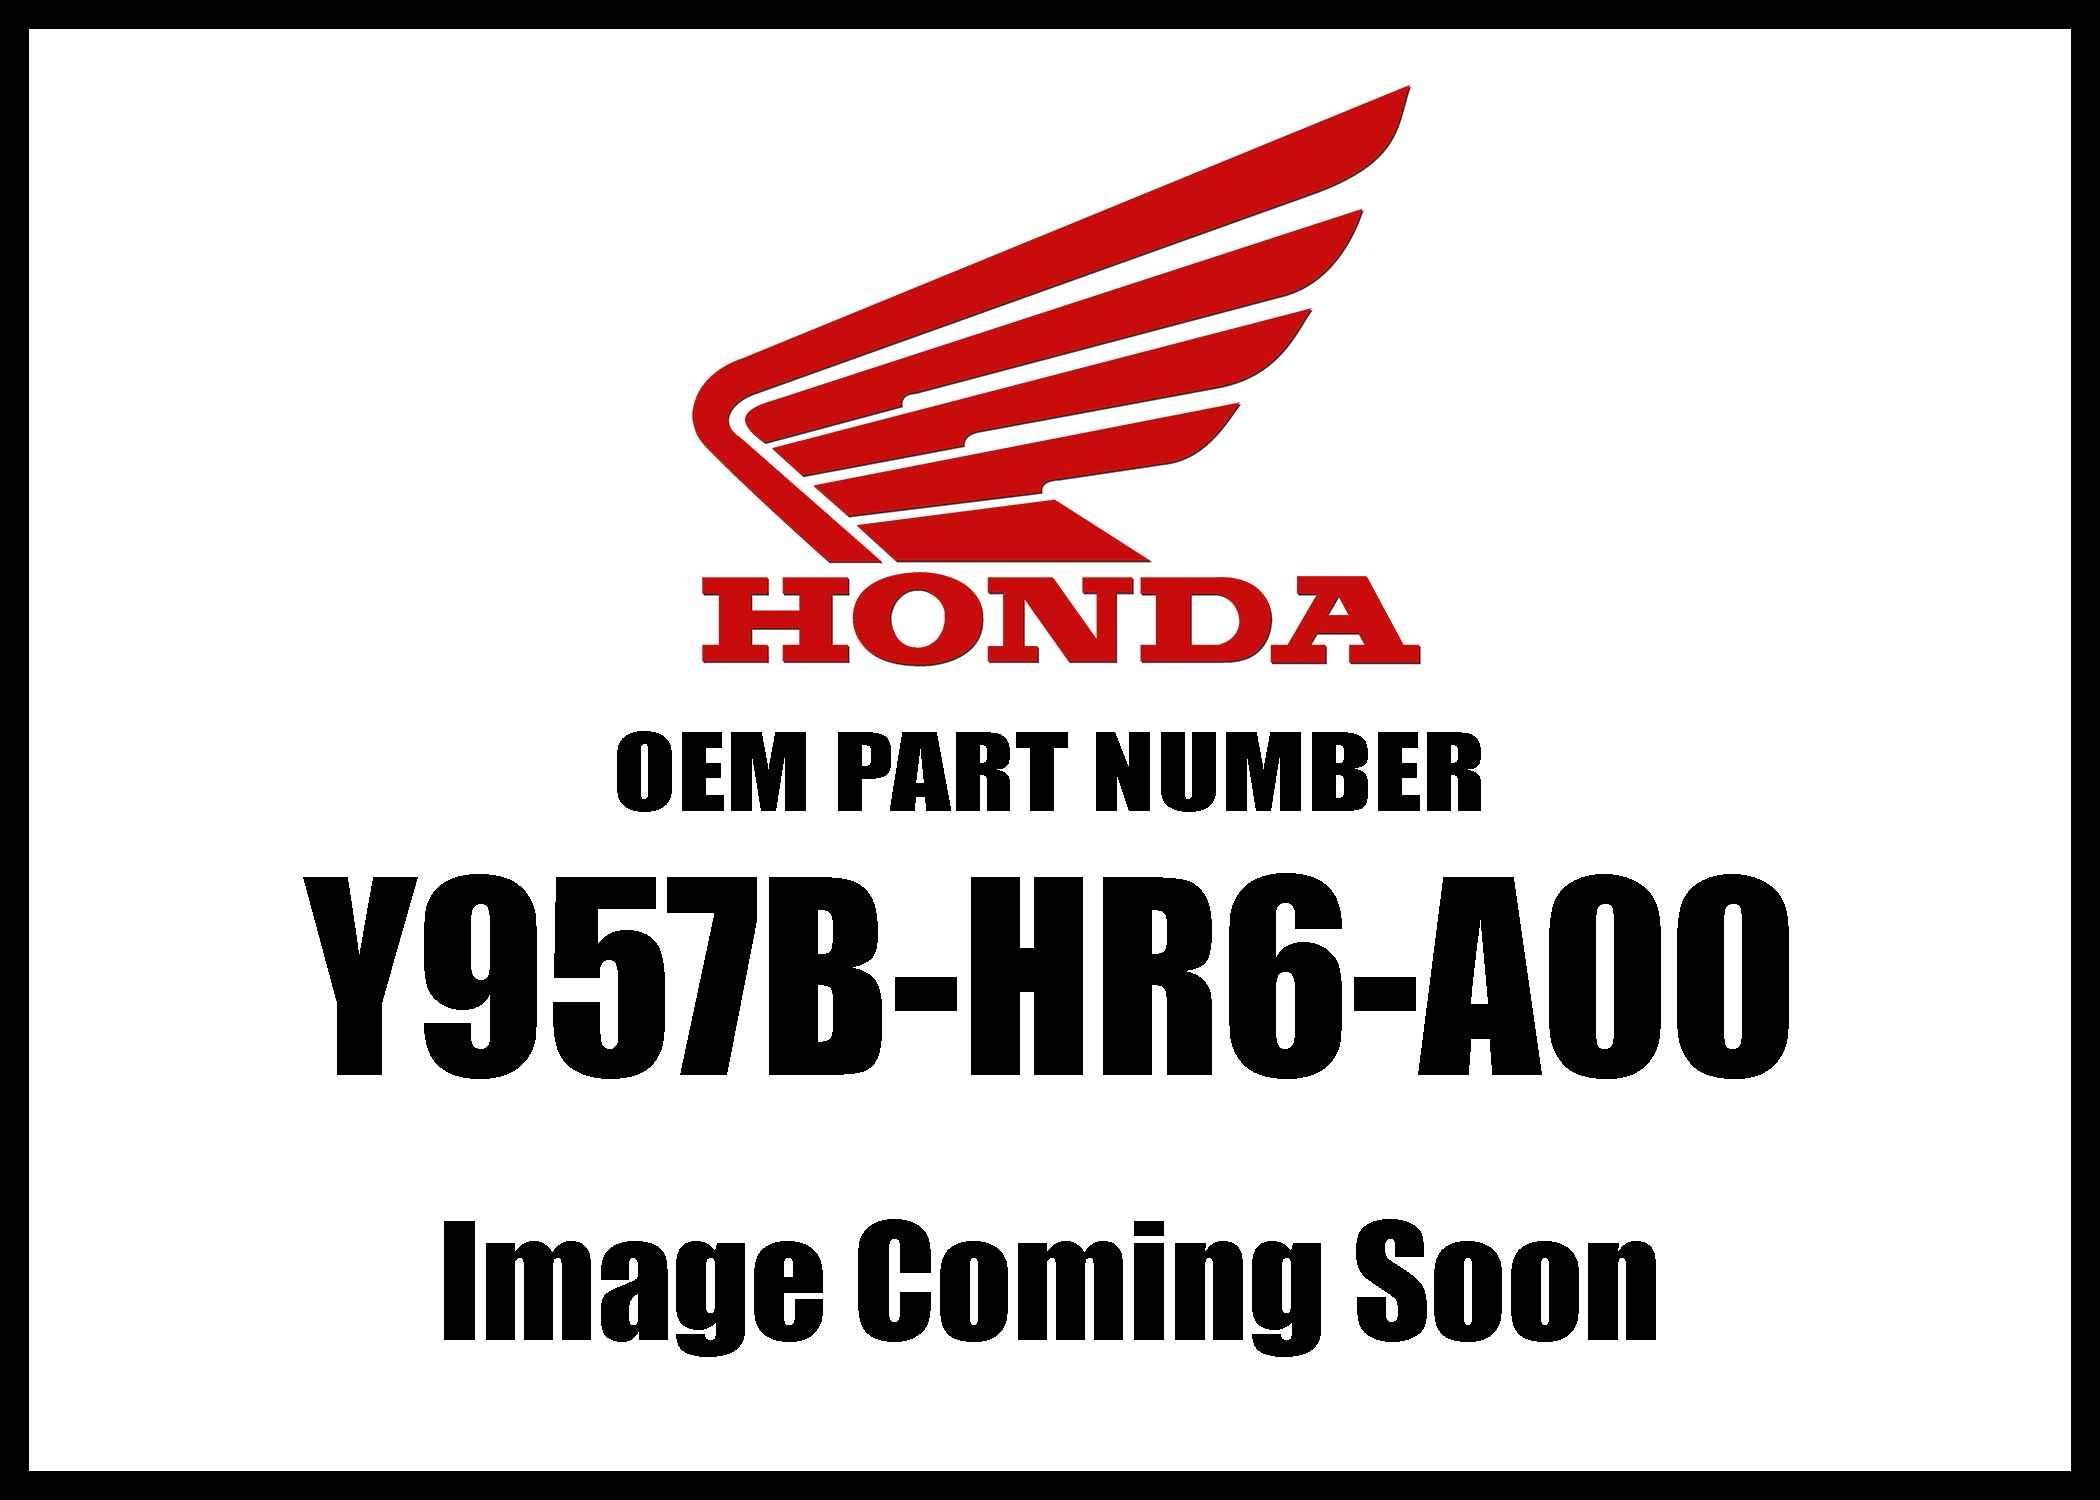 Honda Accy Bolt Flange 8X25 Y957b-Hr6-A00 New Oem